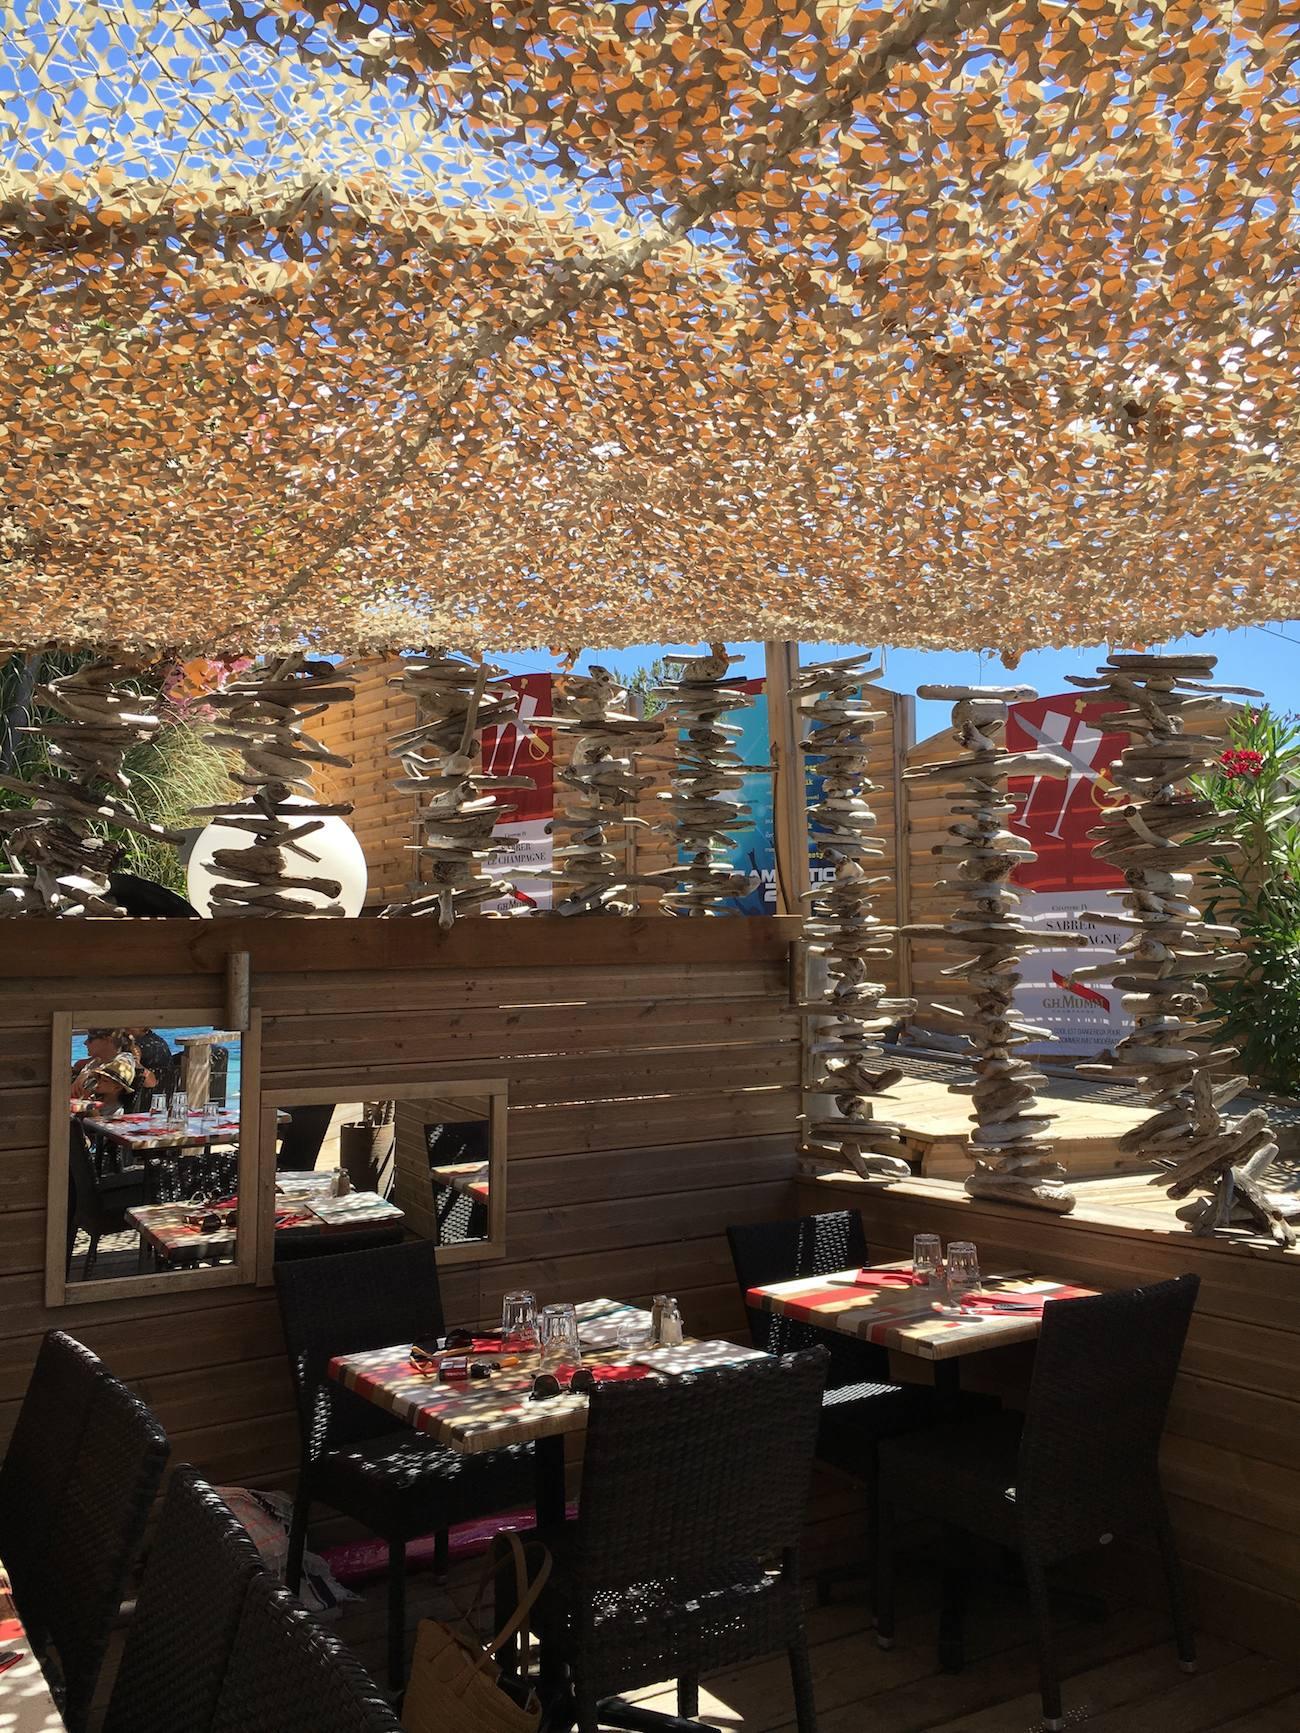 Corse - Road trip bonnes adresses - Blog Voyage nantes 3